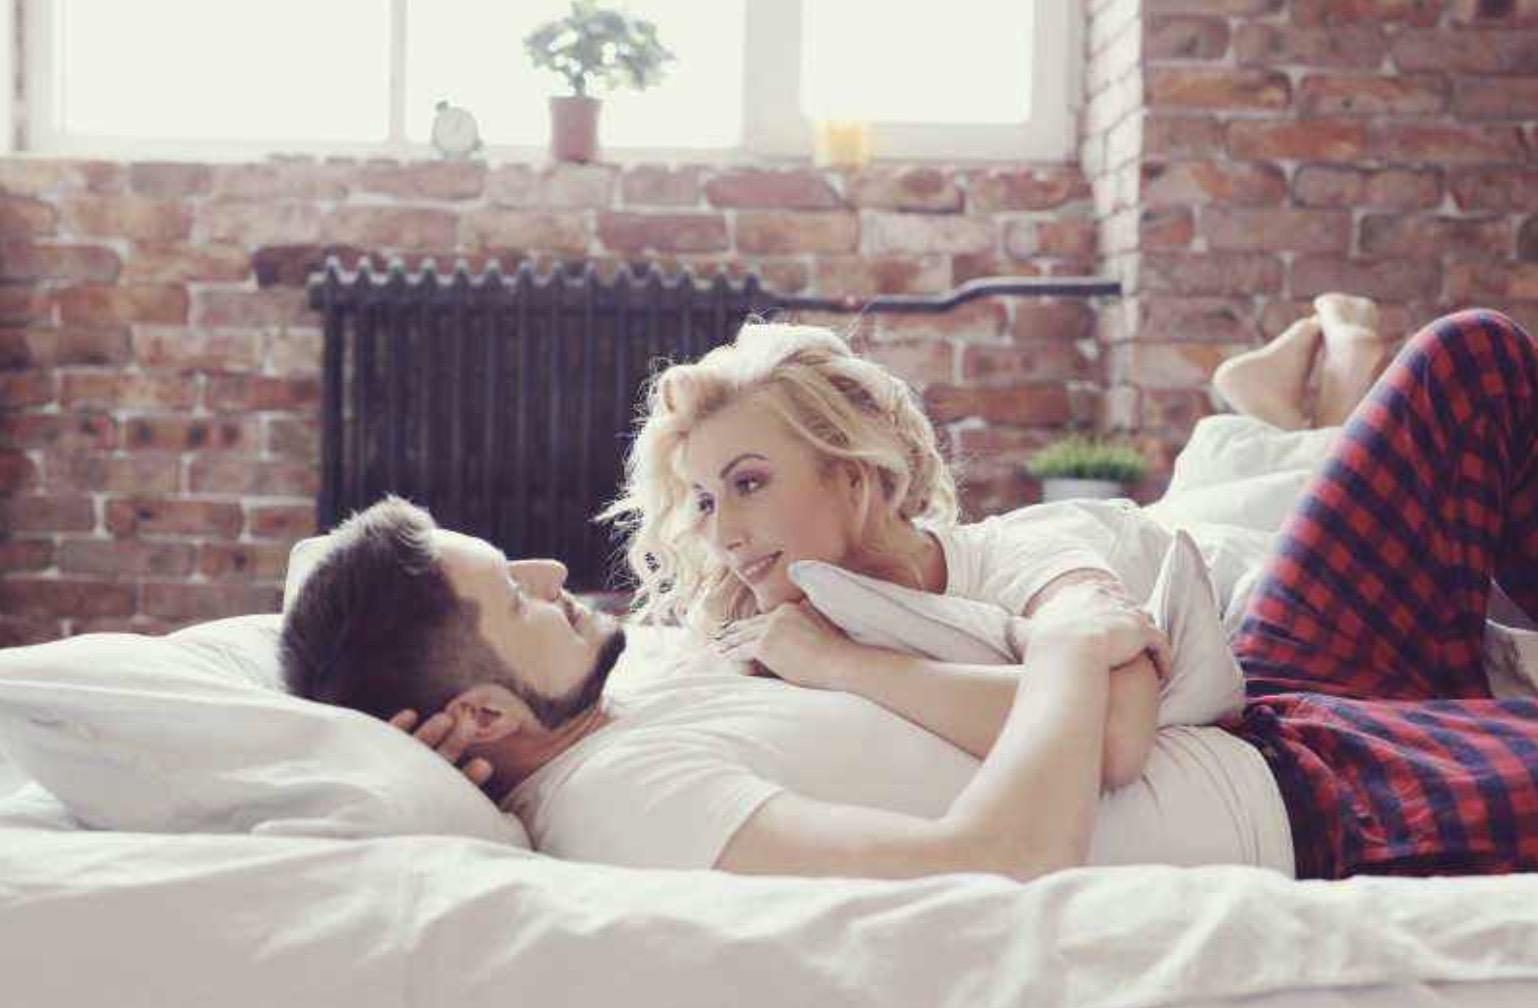 让夫妻亲密的婚姻必修课 百度网盘